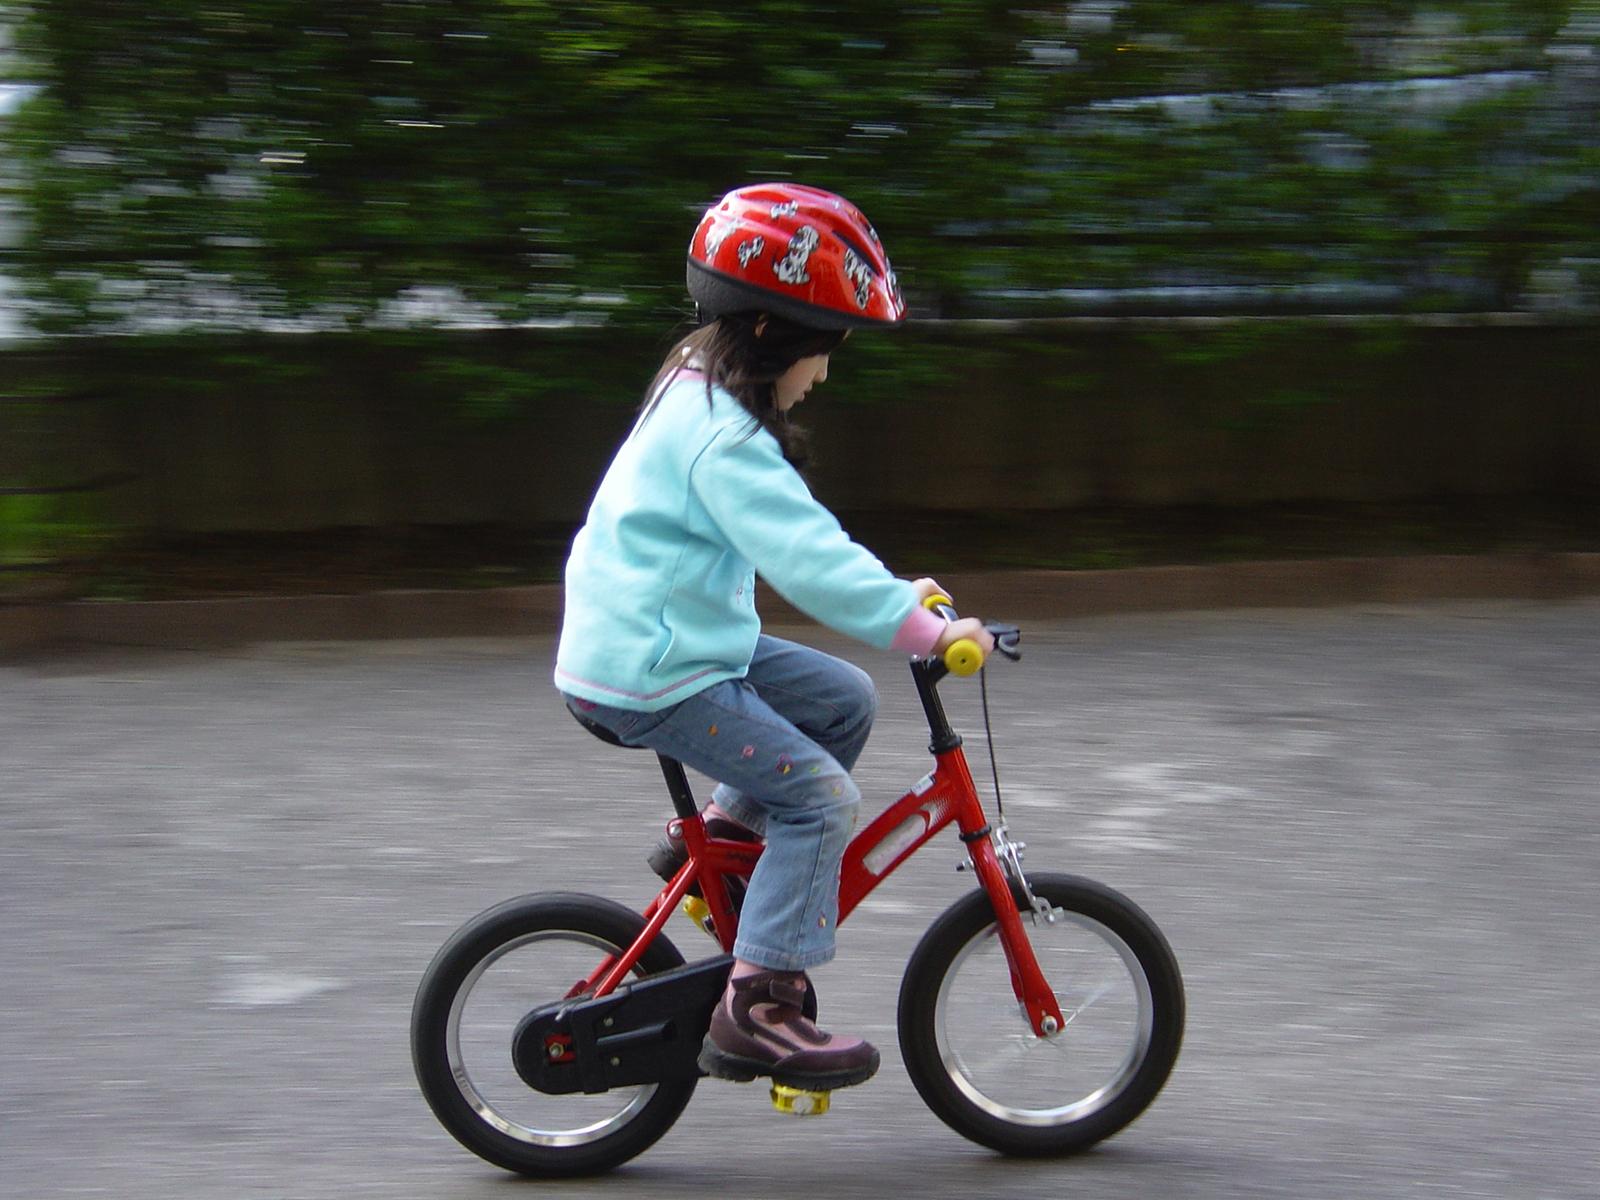 Kinderen in Frankrijk zonder helm op fiets: 135 euro boete